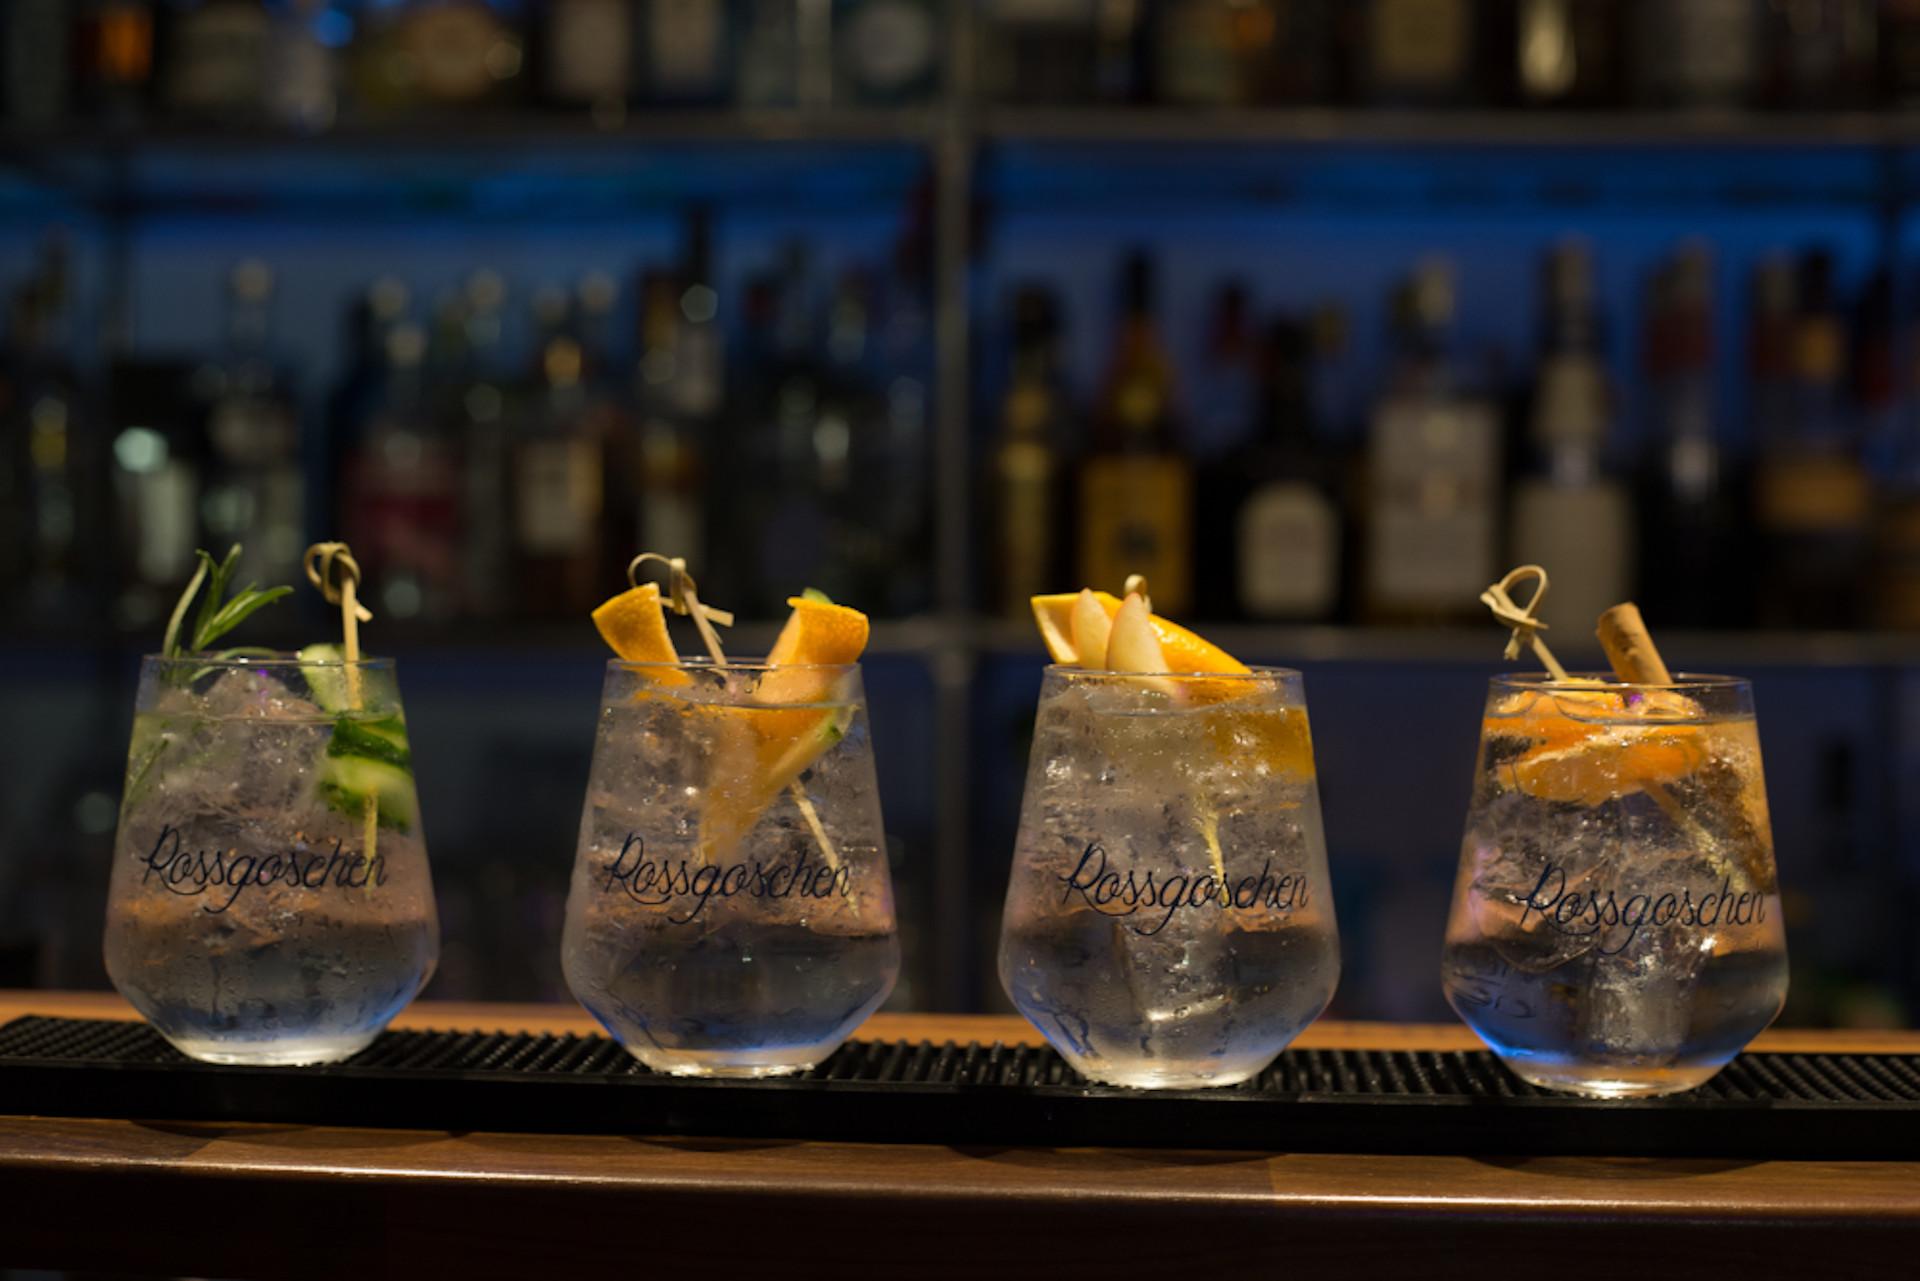 Rossgoschen Spirituosen Manufaktur 4 Jahreszeiten Gin Tonic 1920